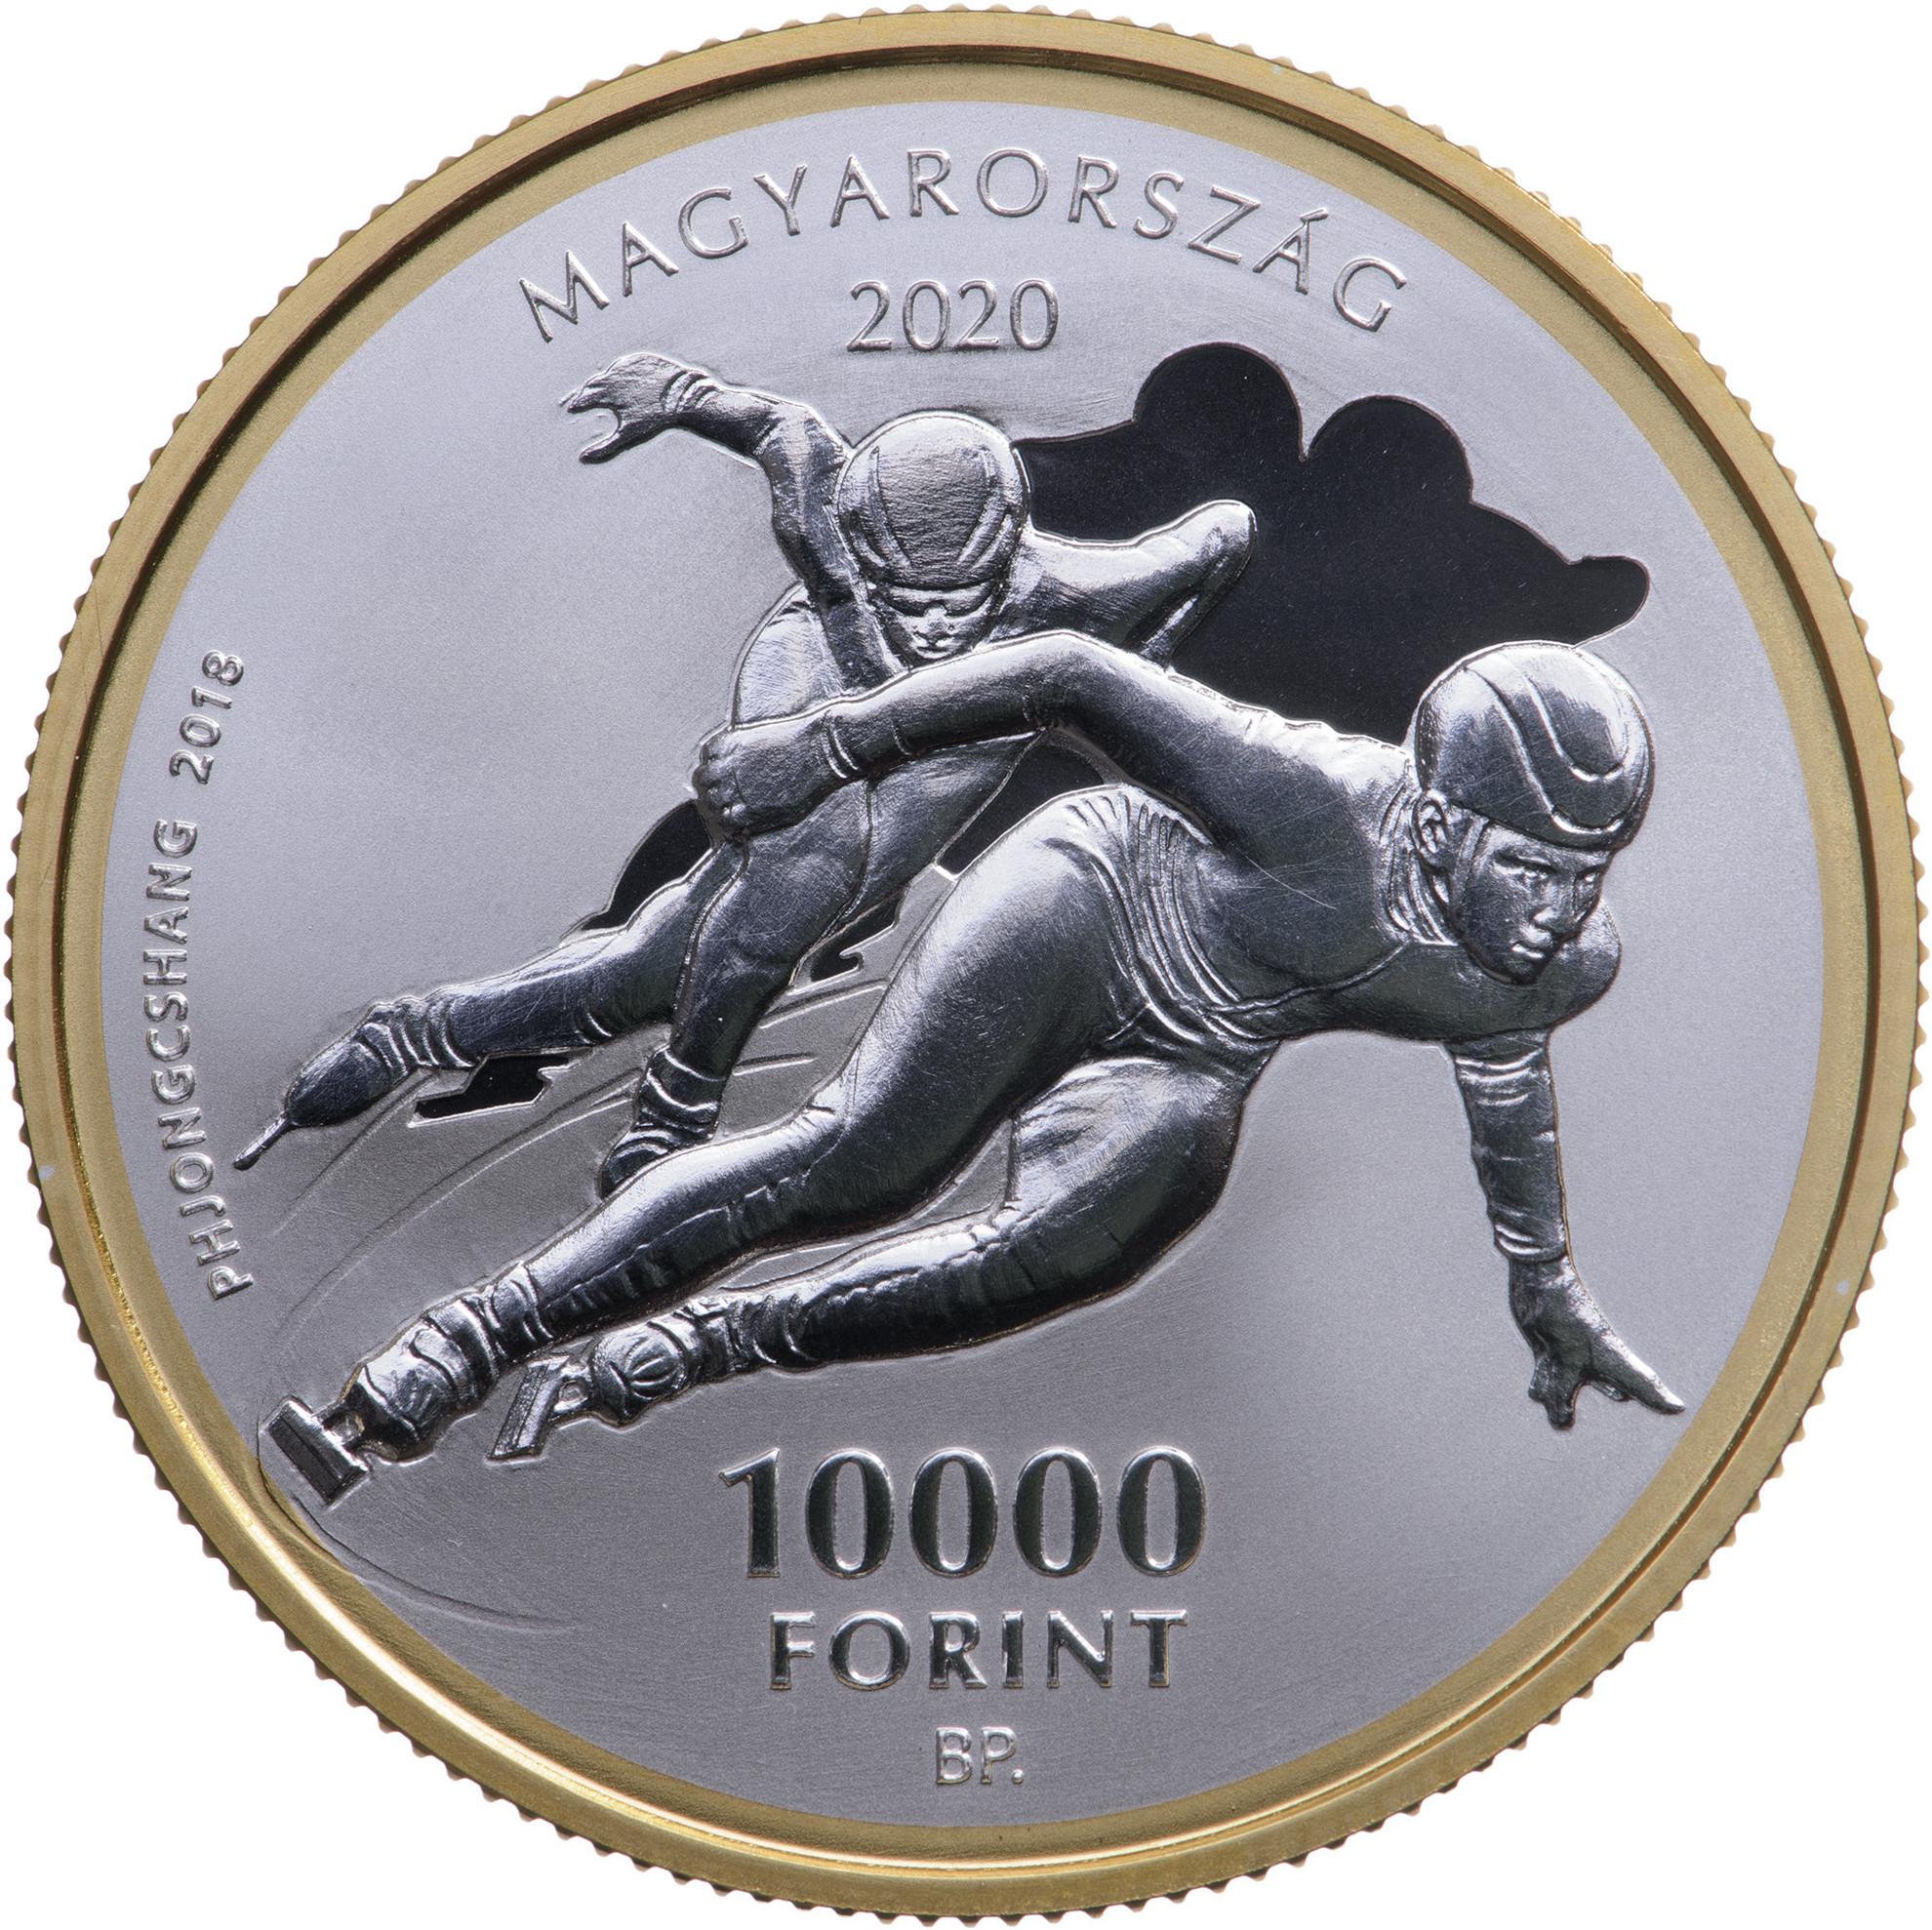 A Magyar Olimpiai Bizottság emlékérmék előlapja hazánk első téli olimpiai aranyérmének megszerzésére utal,